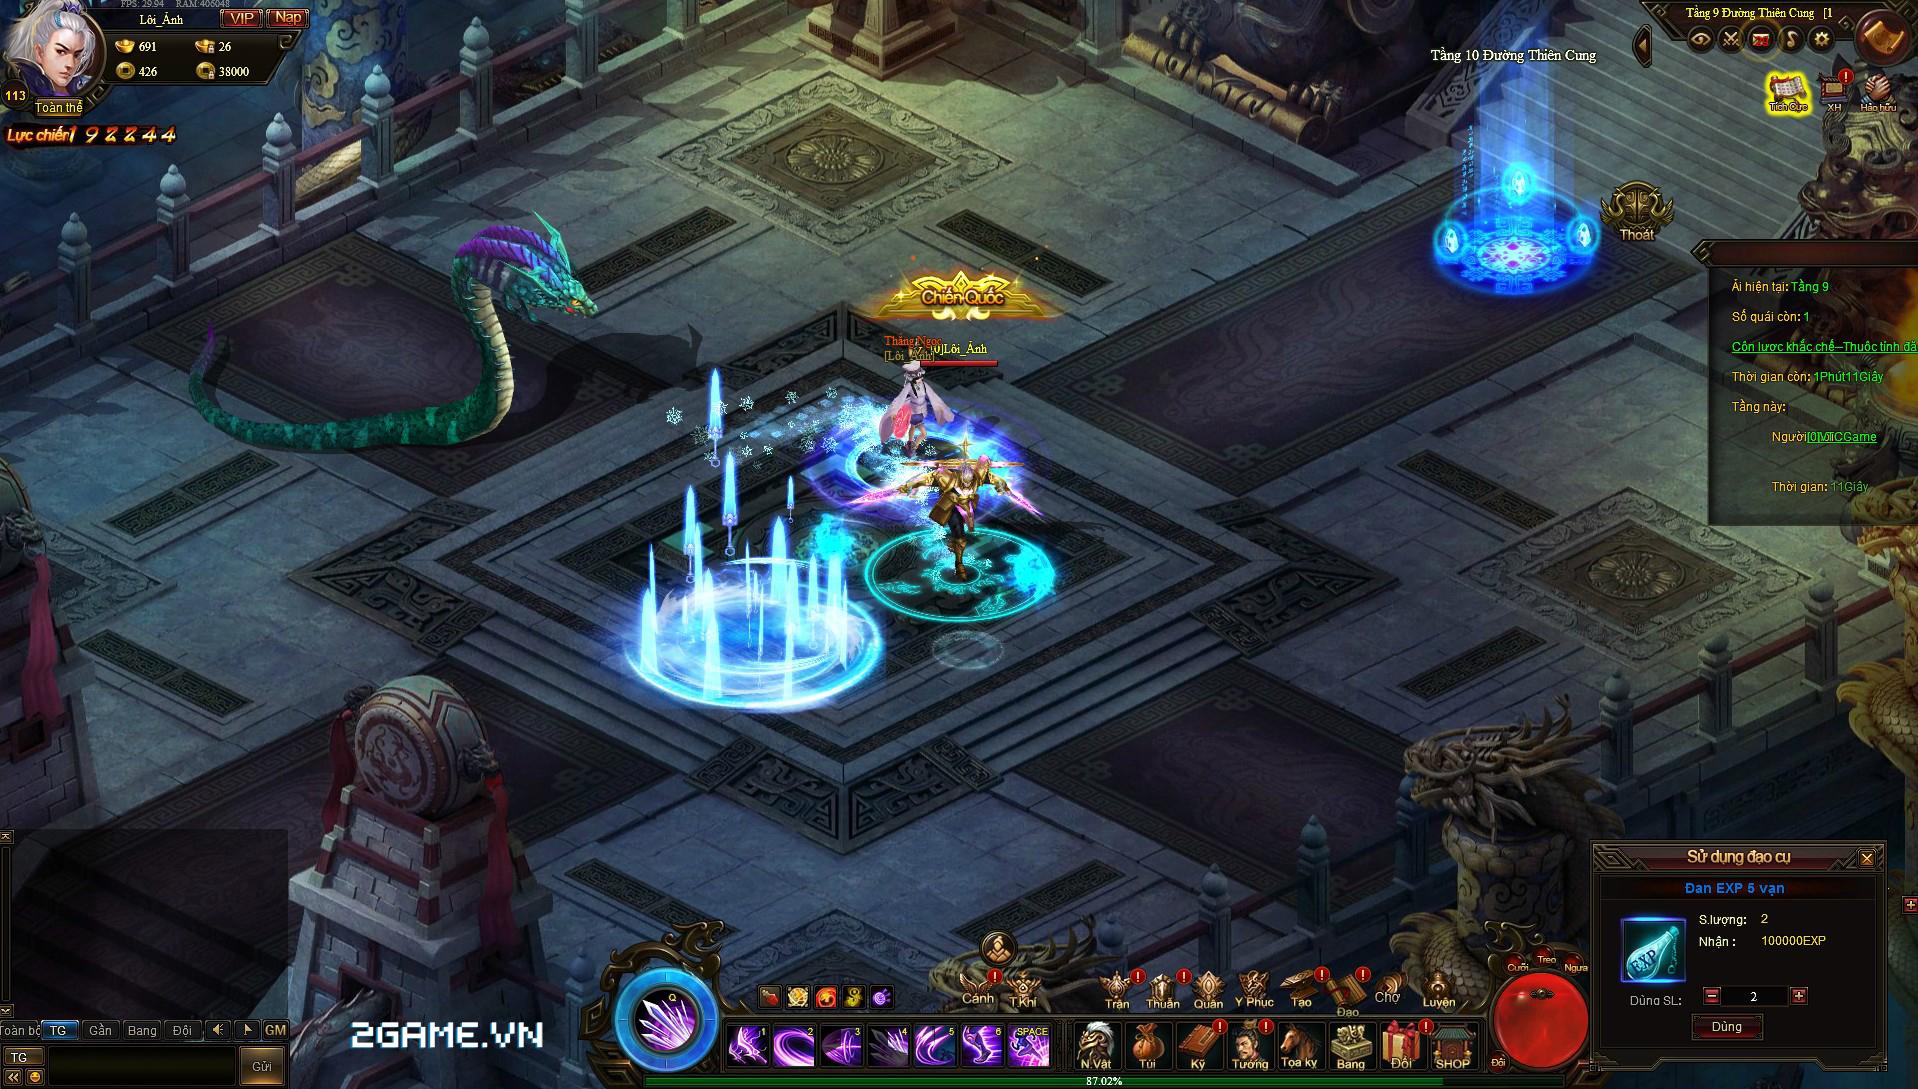 Game Soái Vương khoe mẽ 7 tính năng hoành tráng của mình! 3